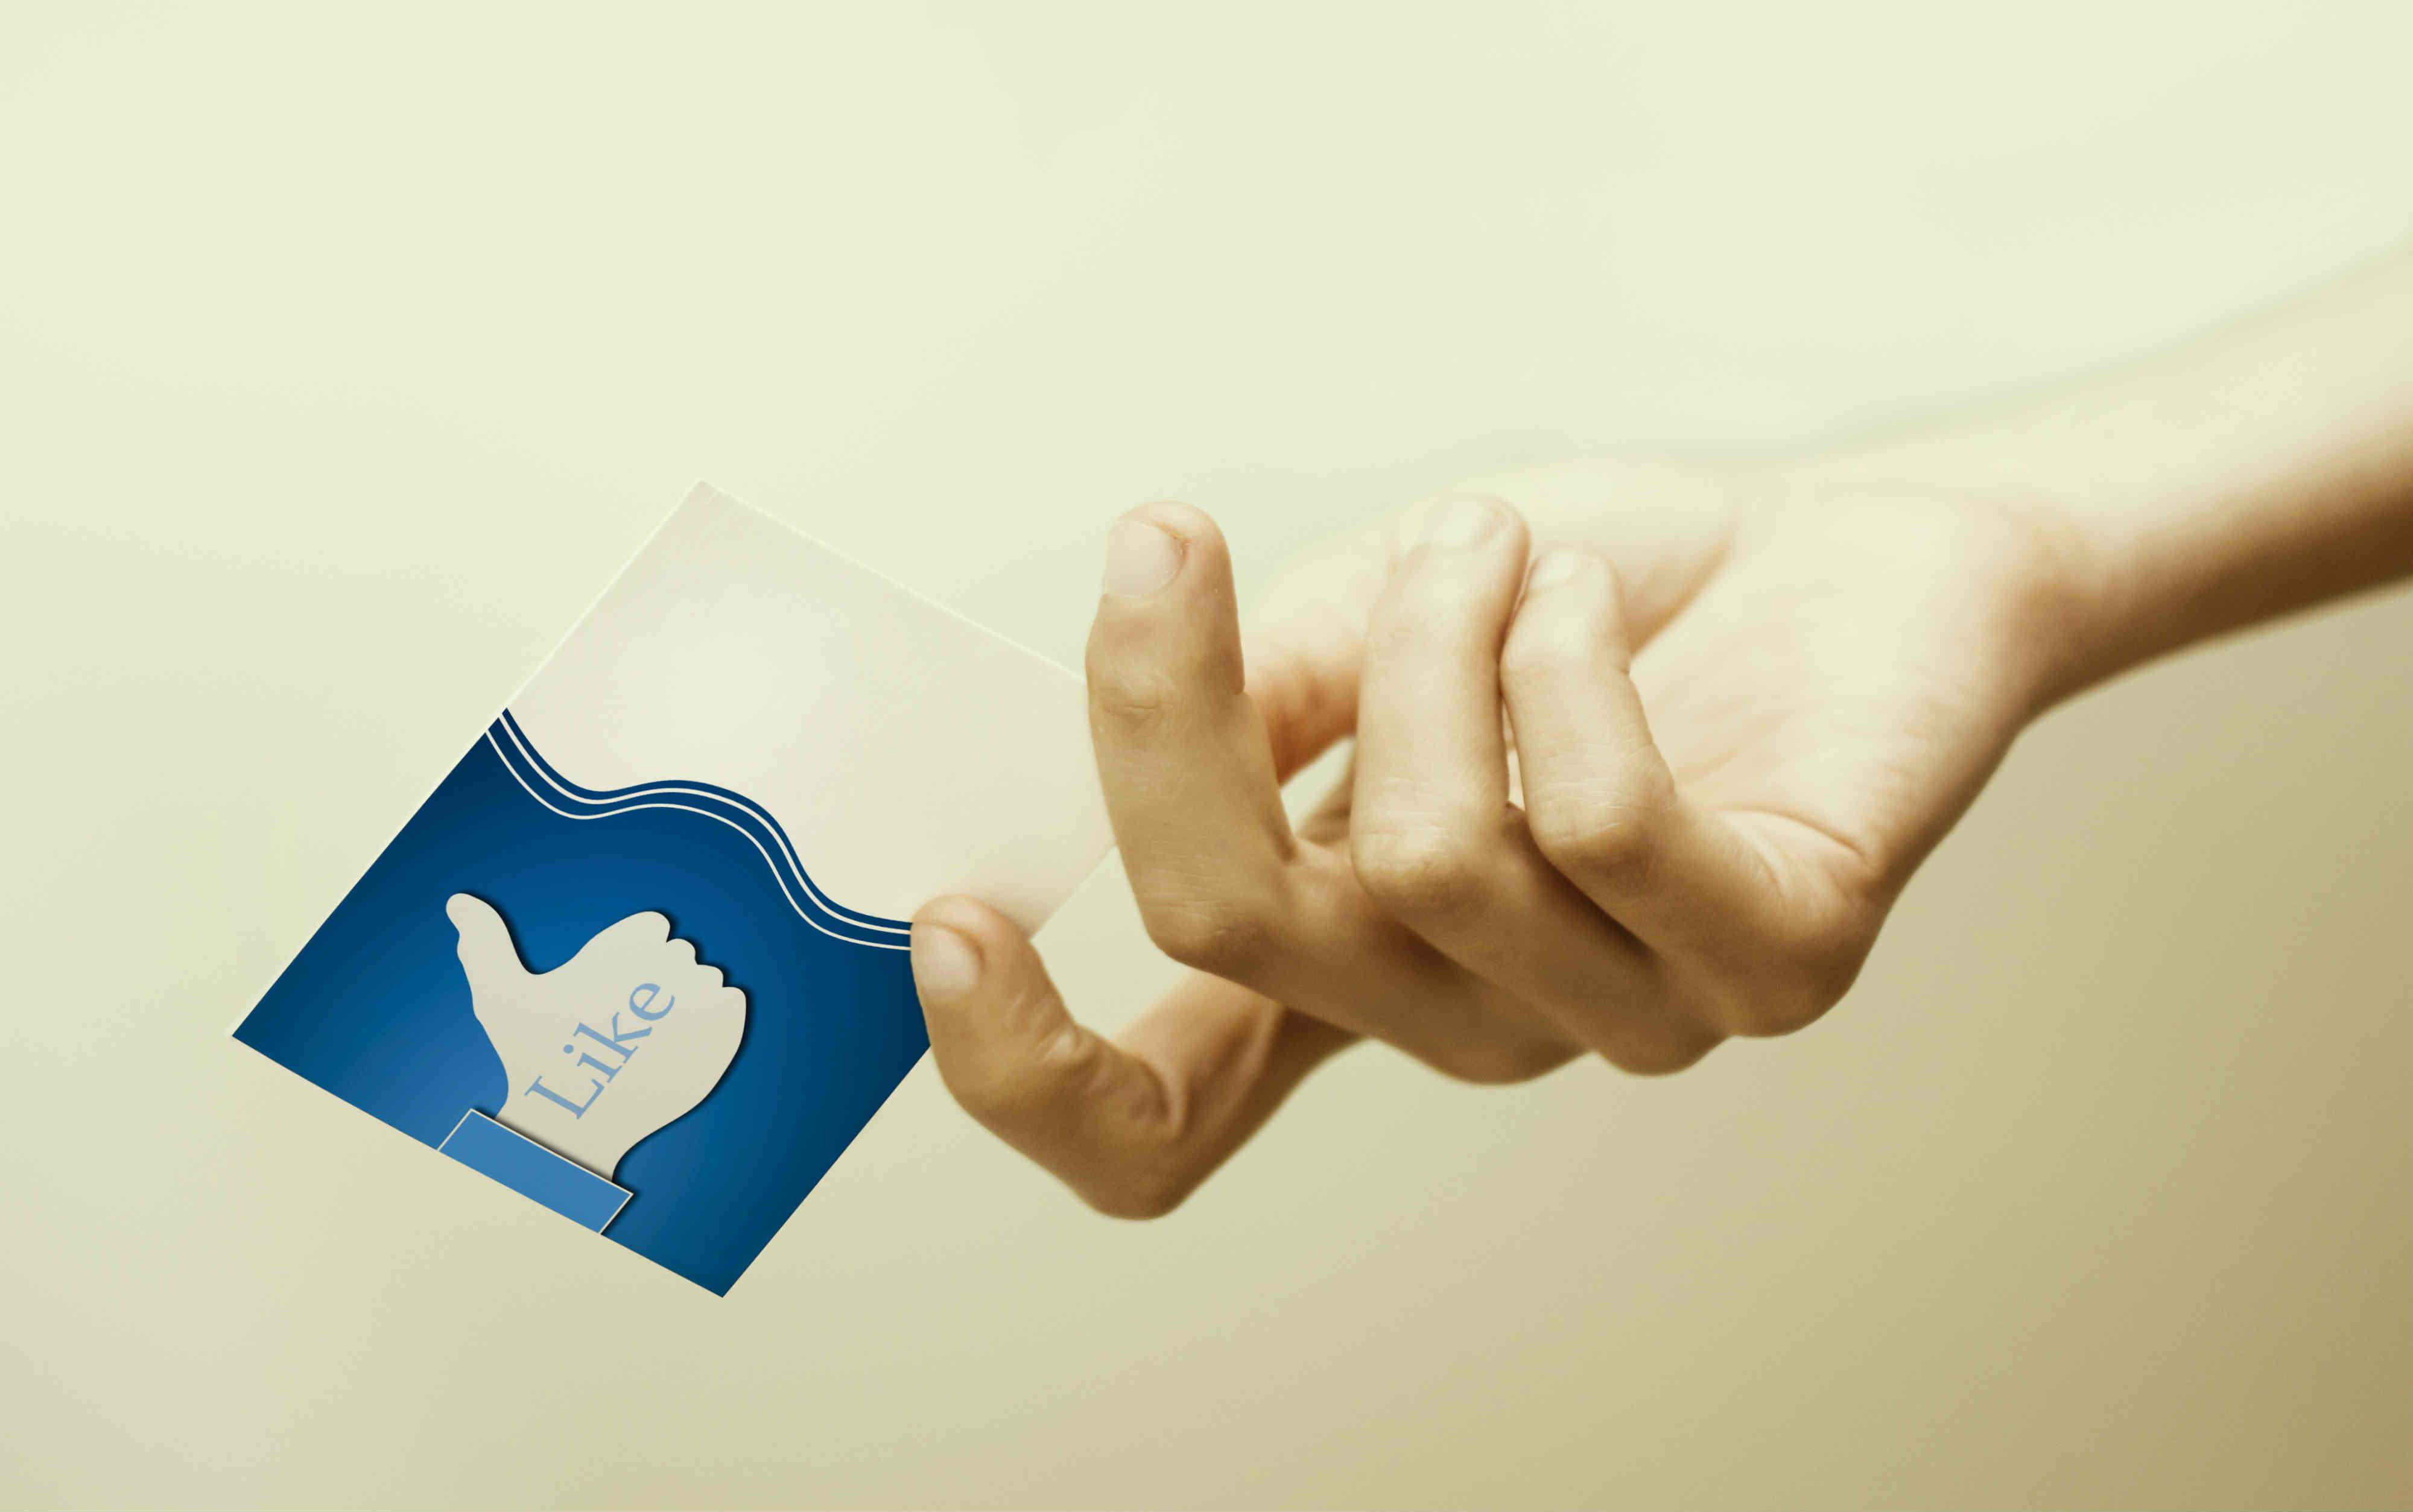 携帯乗り換え(MNP)でFB(フェイスブック)を引継ぐには?便利機能3選